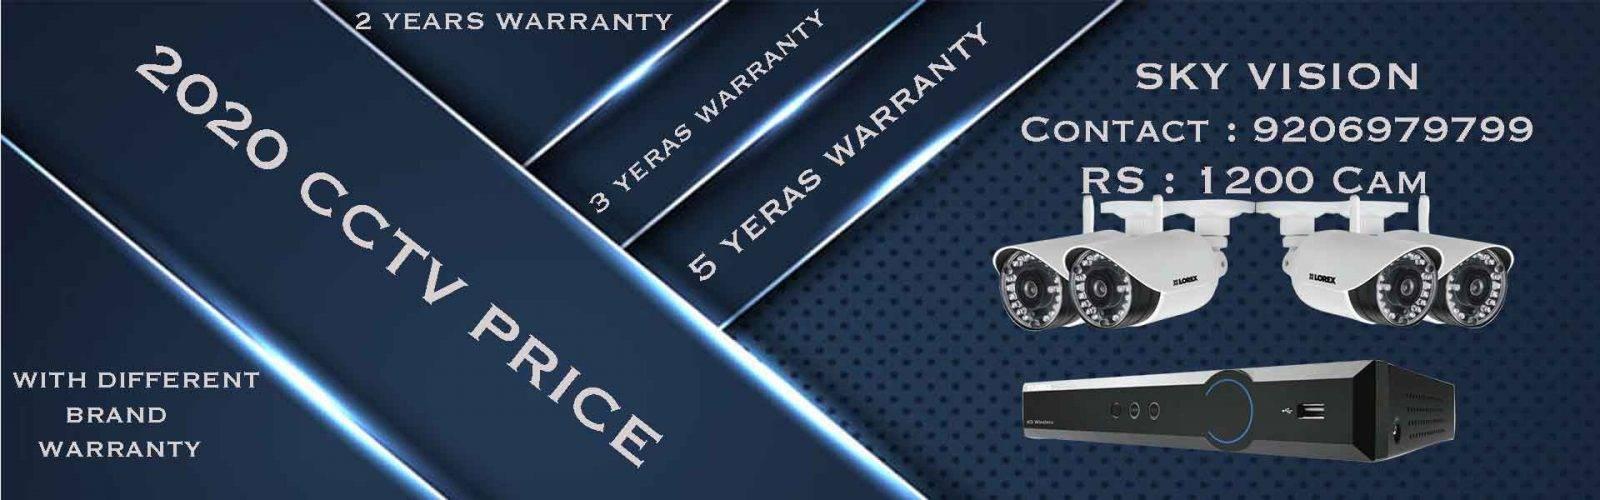 CCTV-Cameras-price-